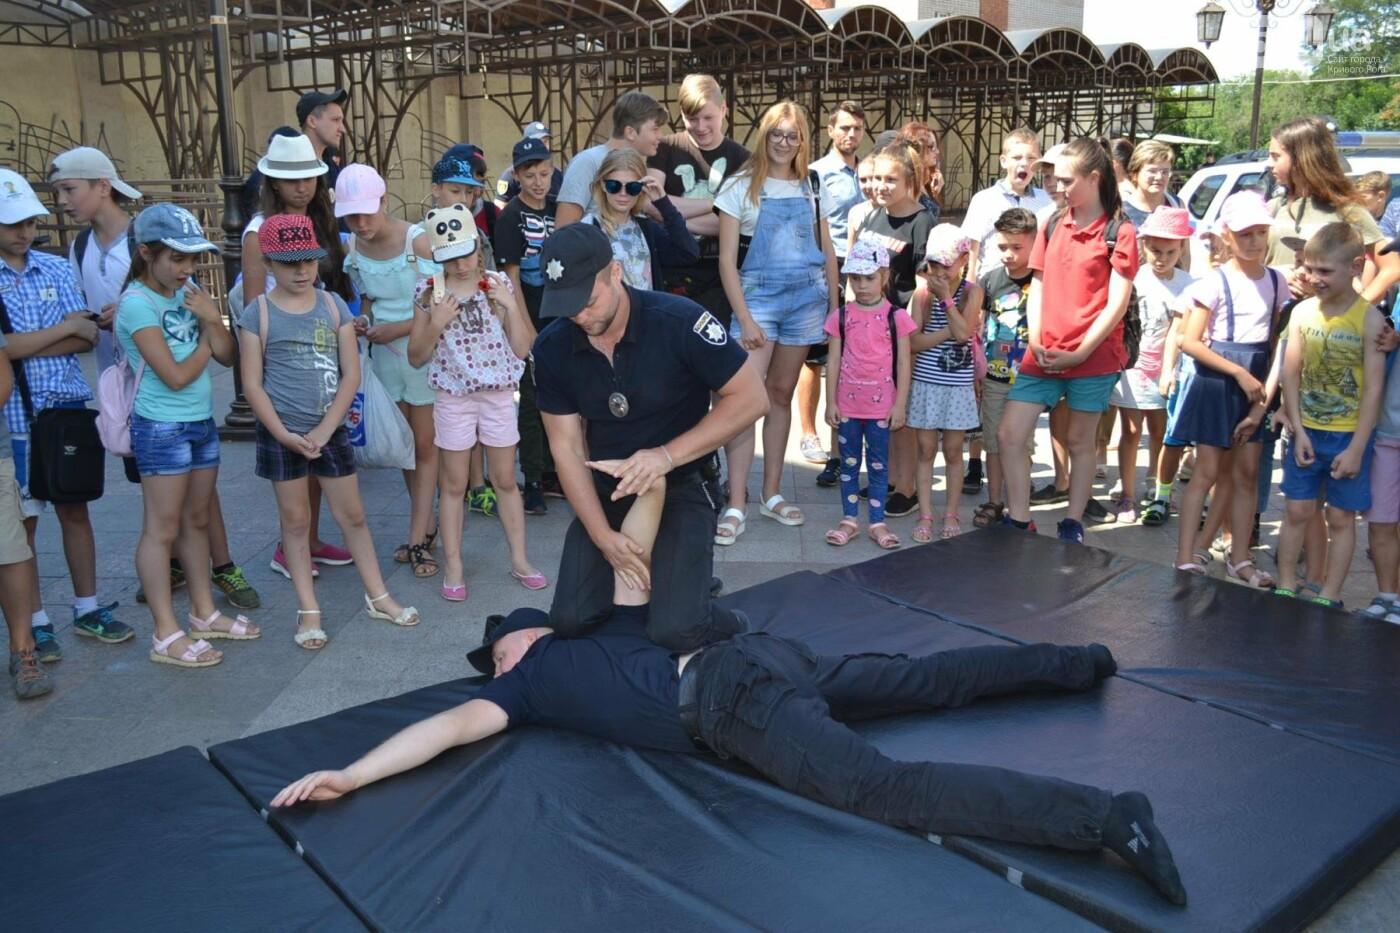 Патрульная полиция Кривого Рога отметила свой День рождения с детворой,- ФОТО, фото-1